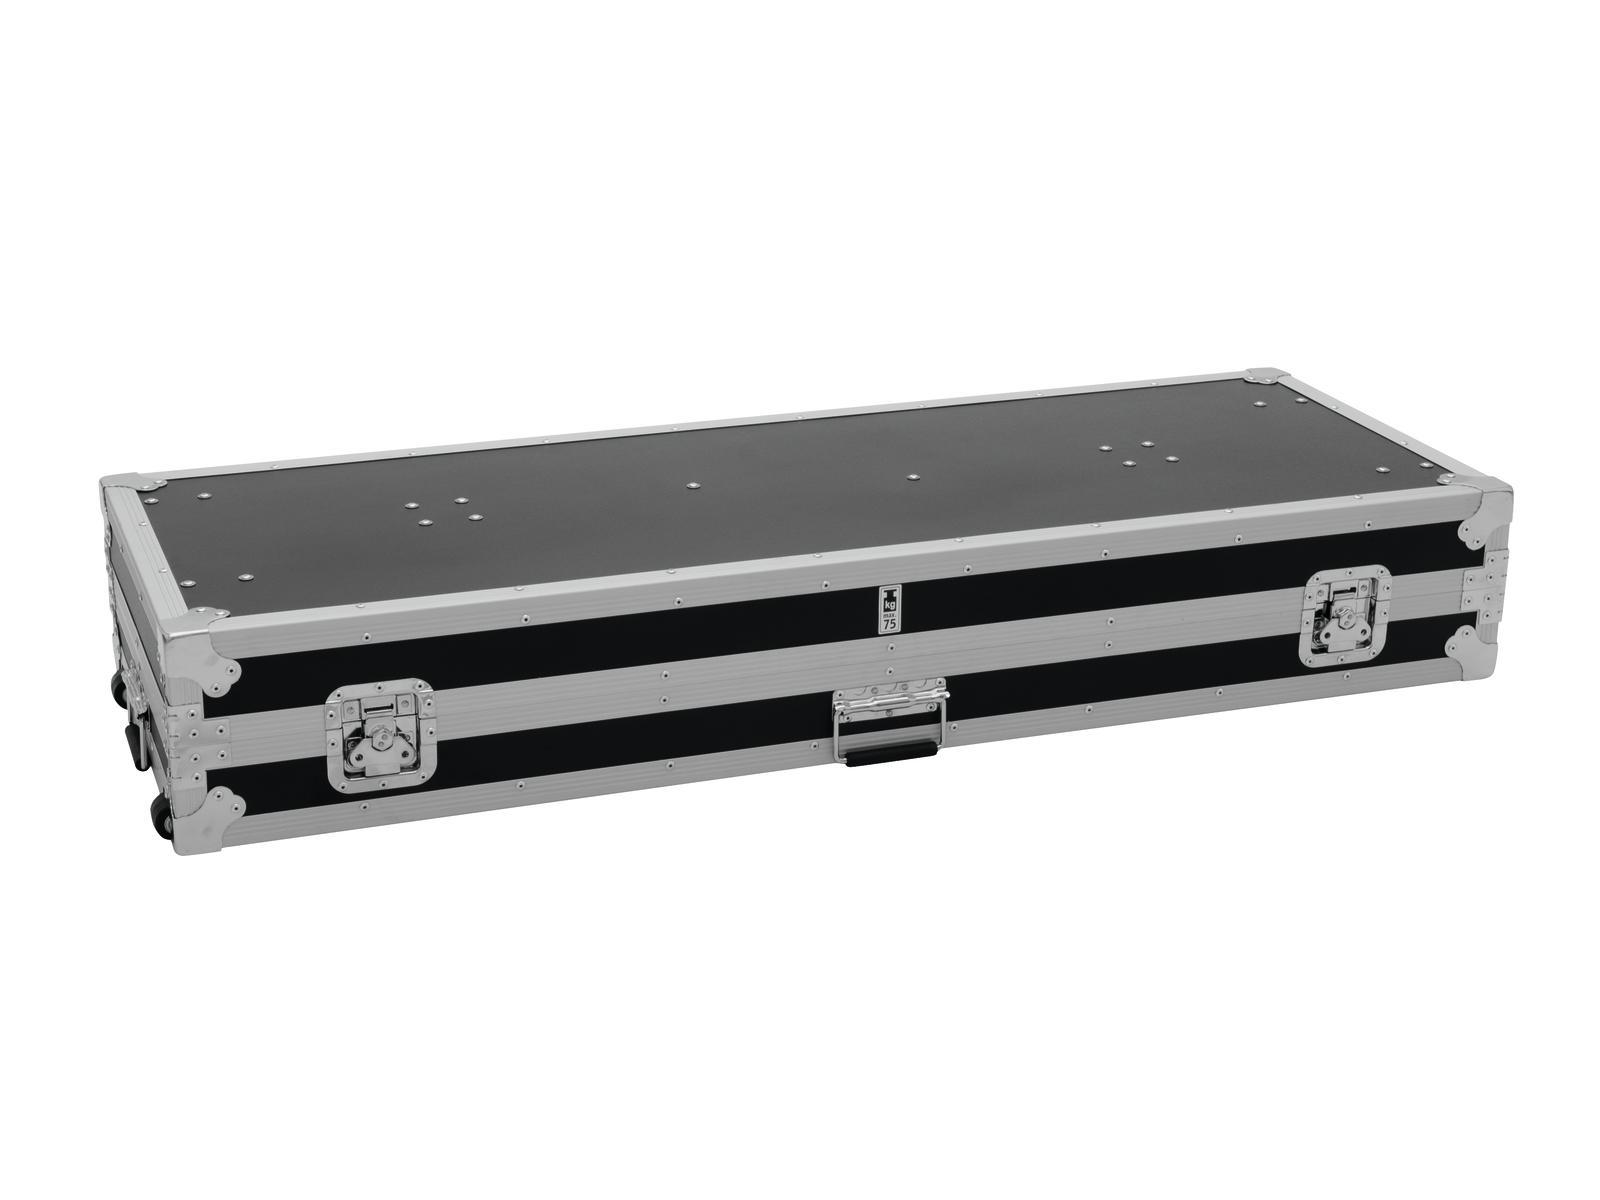 roadinger-2-tische-in-case-ausfa-hrung-140x50cm